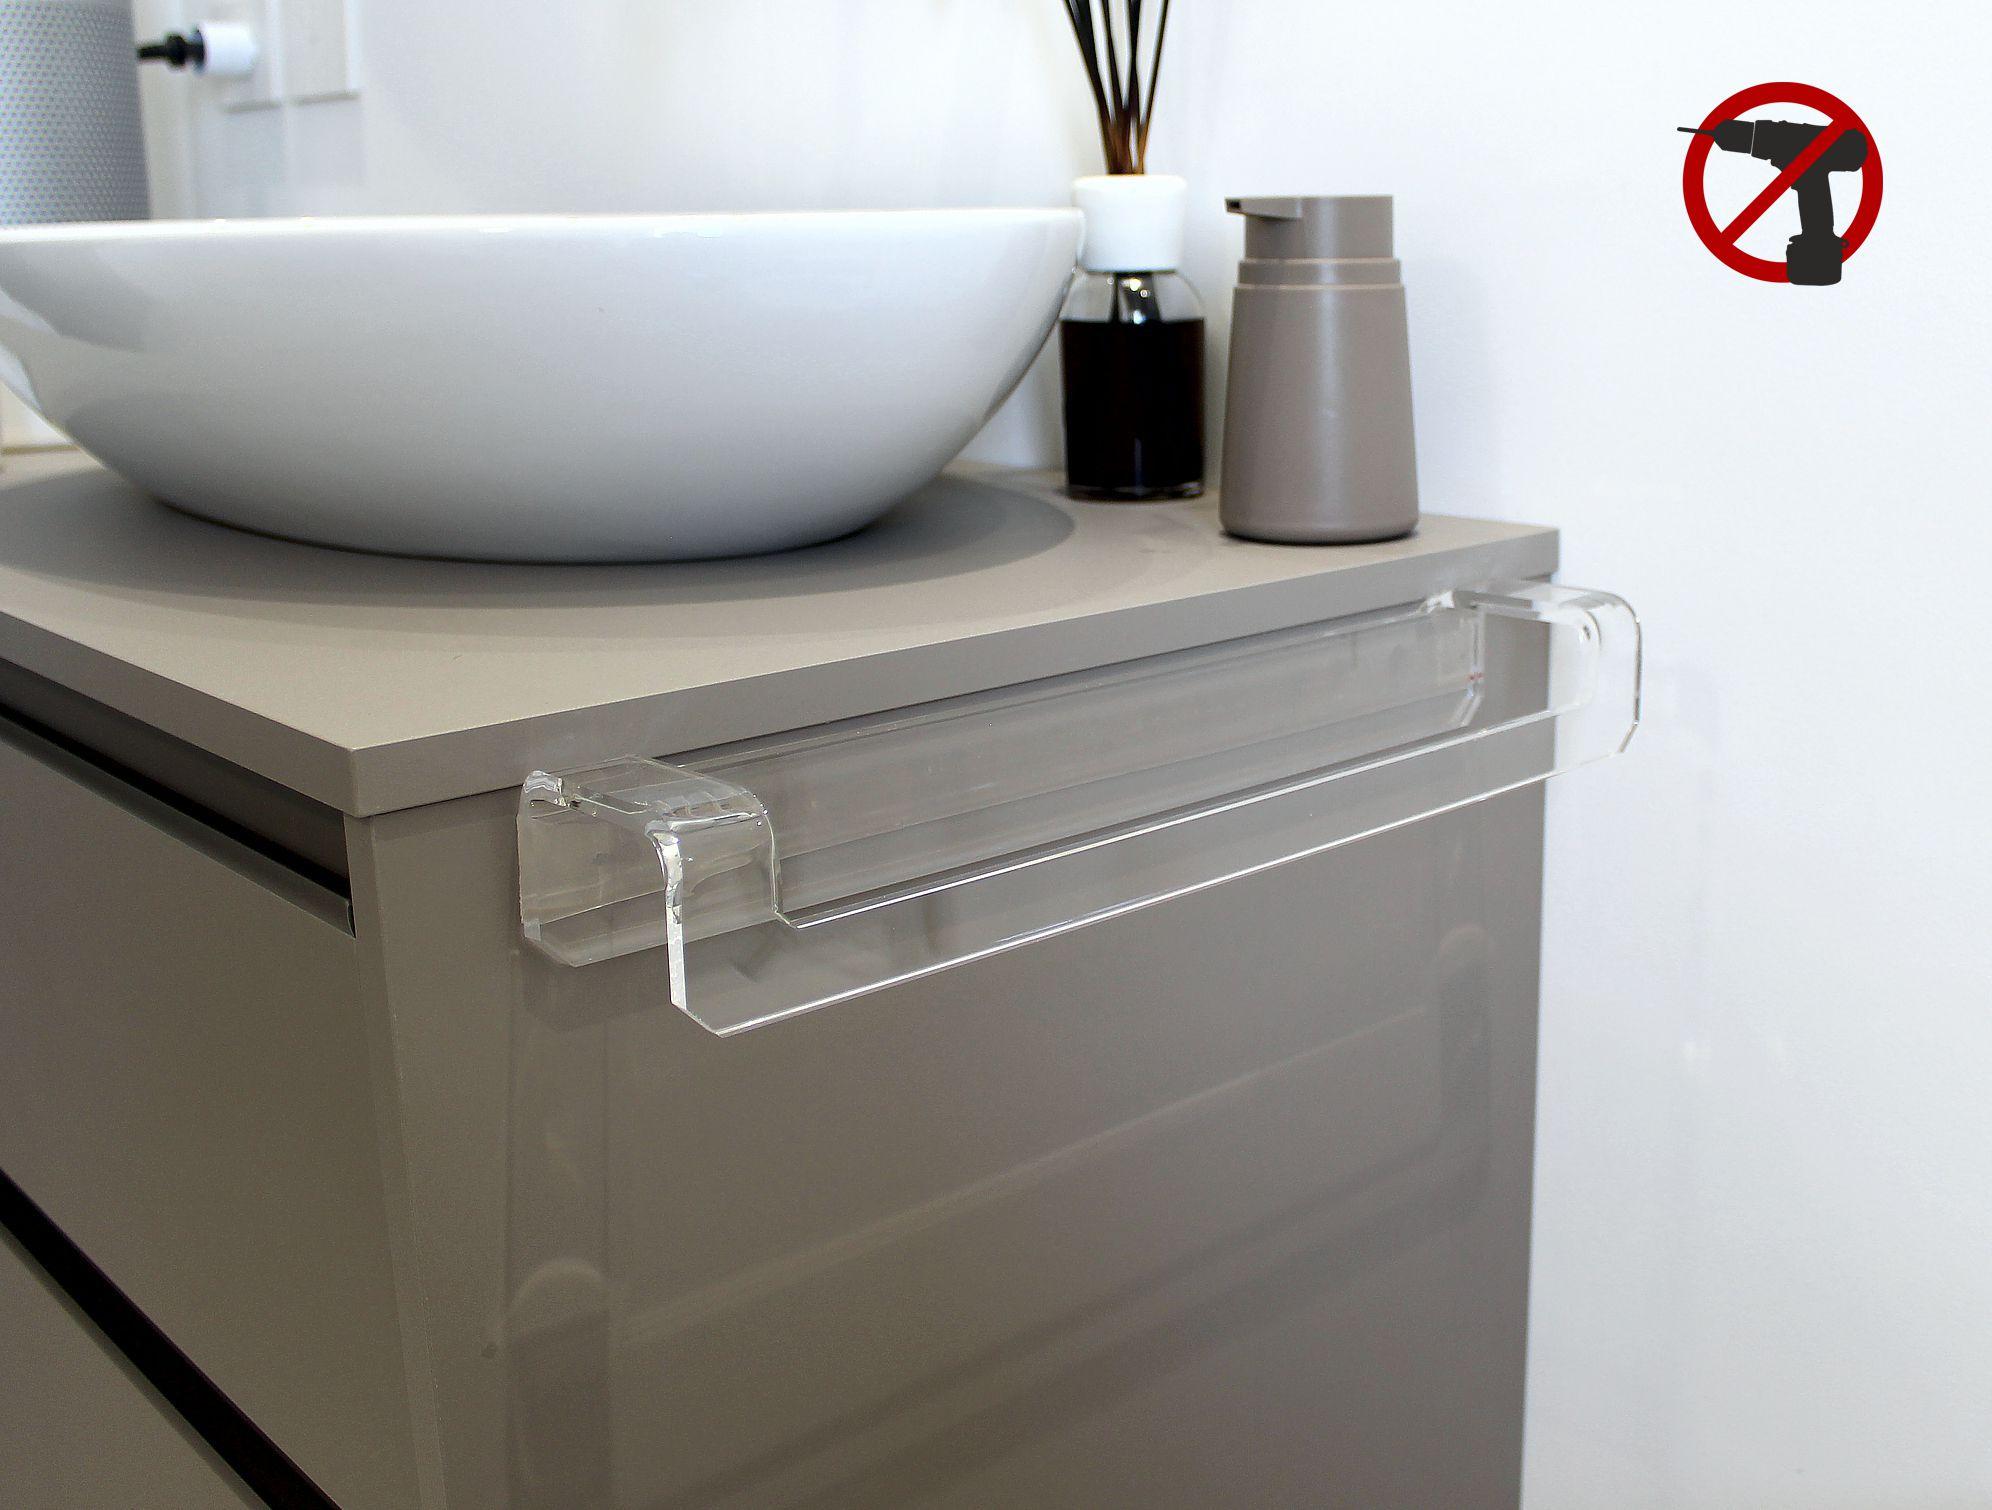 Asciugamani Per Il Bagno.Portasciugamani Autoadesivo Per Bagno In Plexiglass